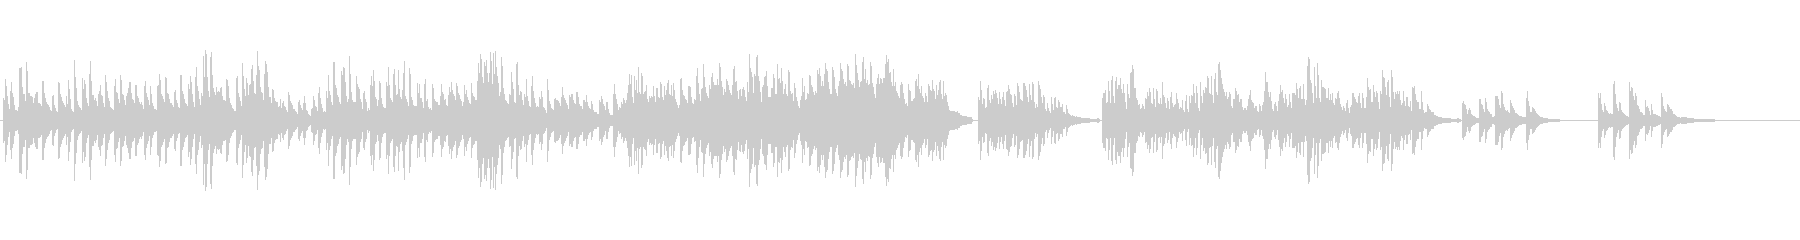 生ピアノソロ・月と金木犀の未再生の波形